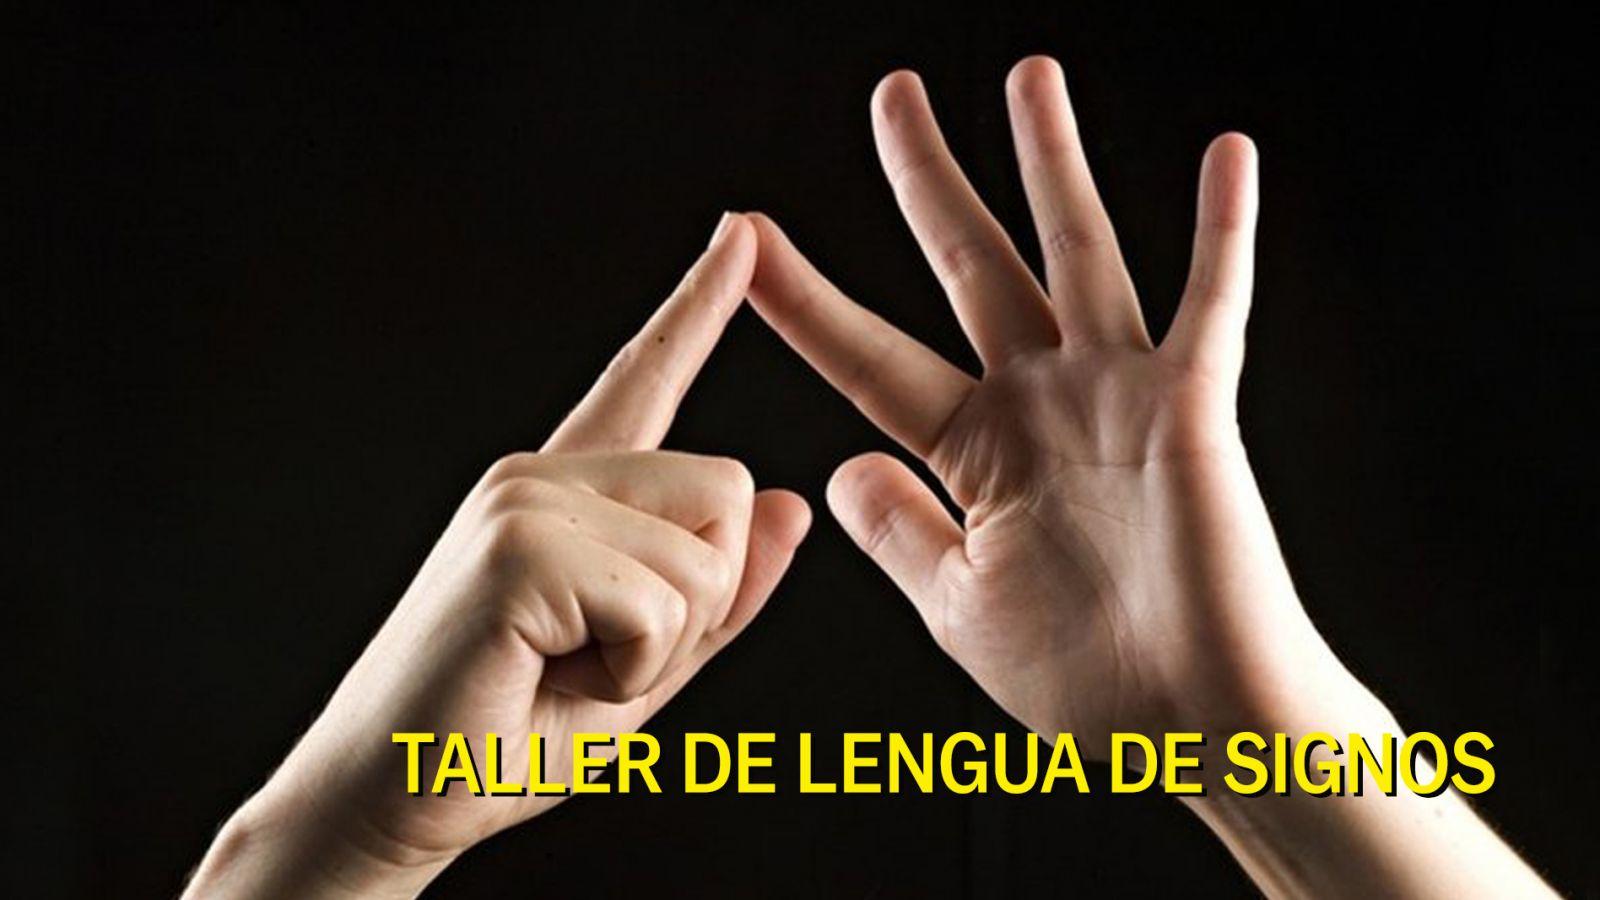 Taller lengua de signos